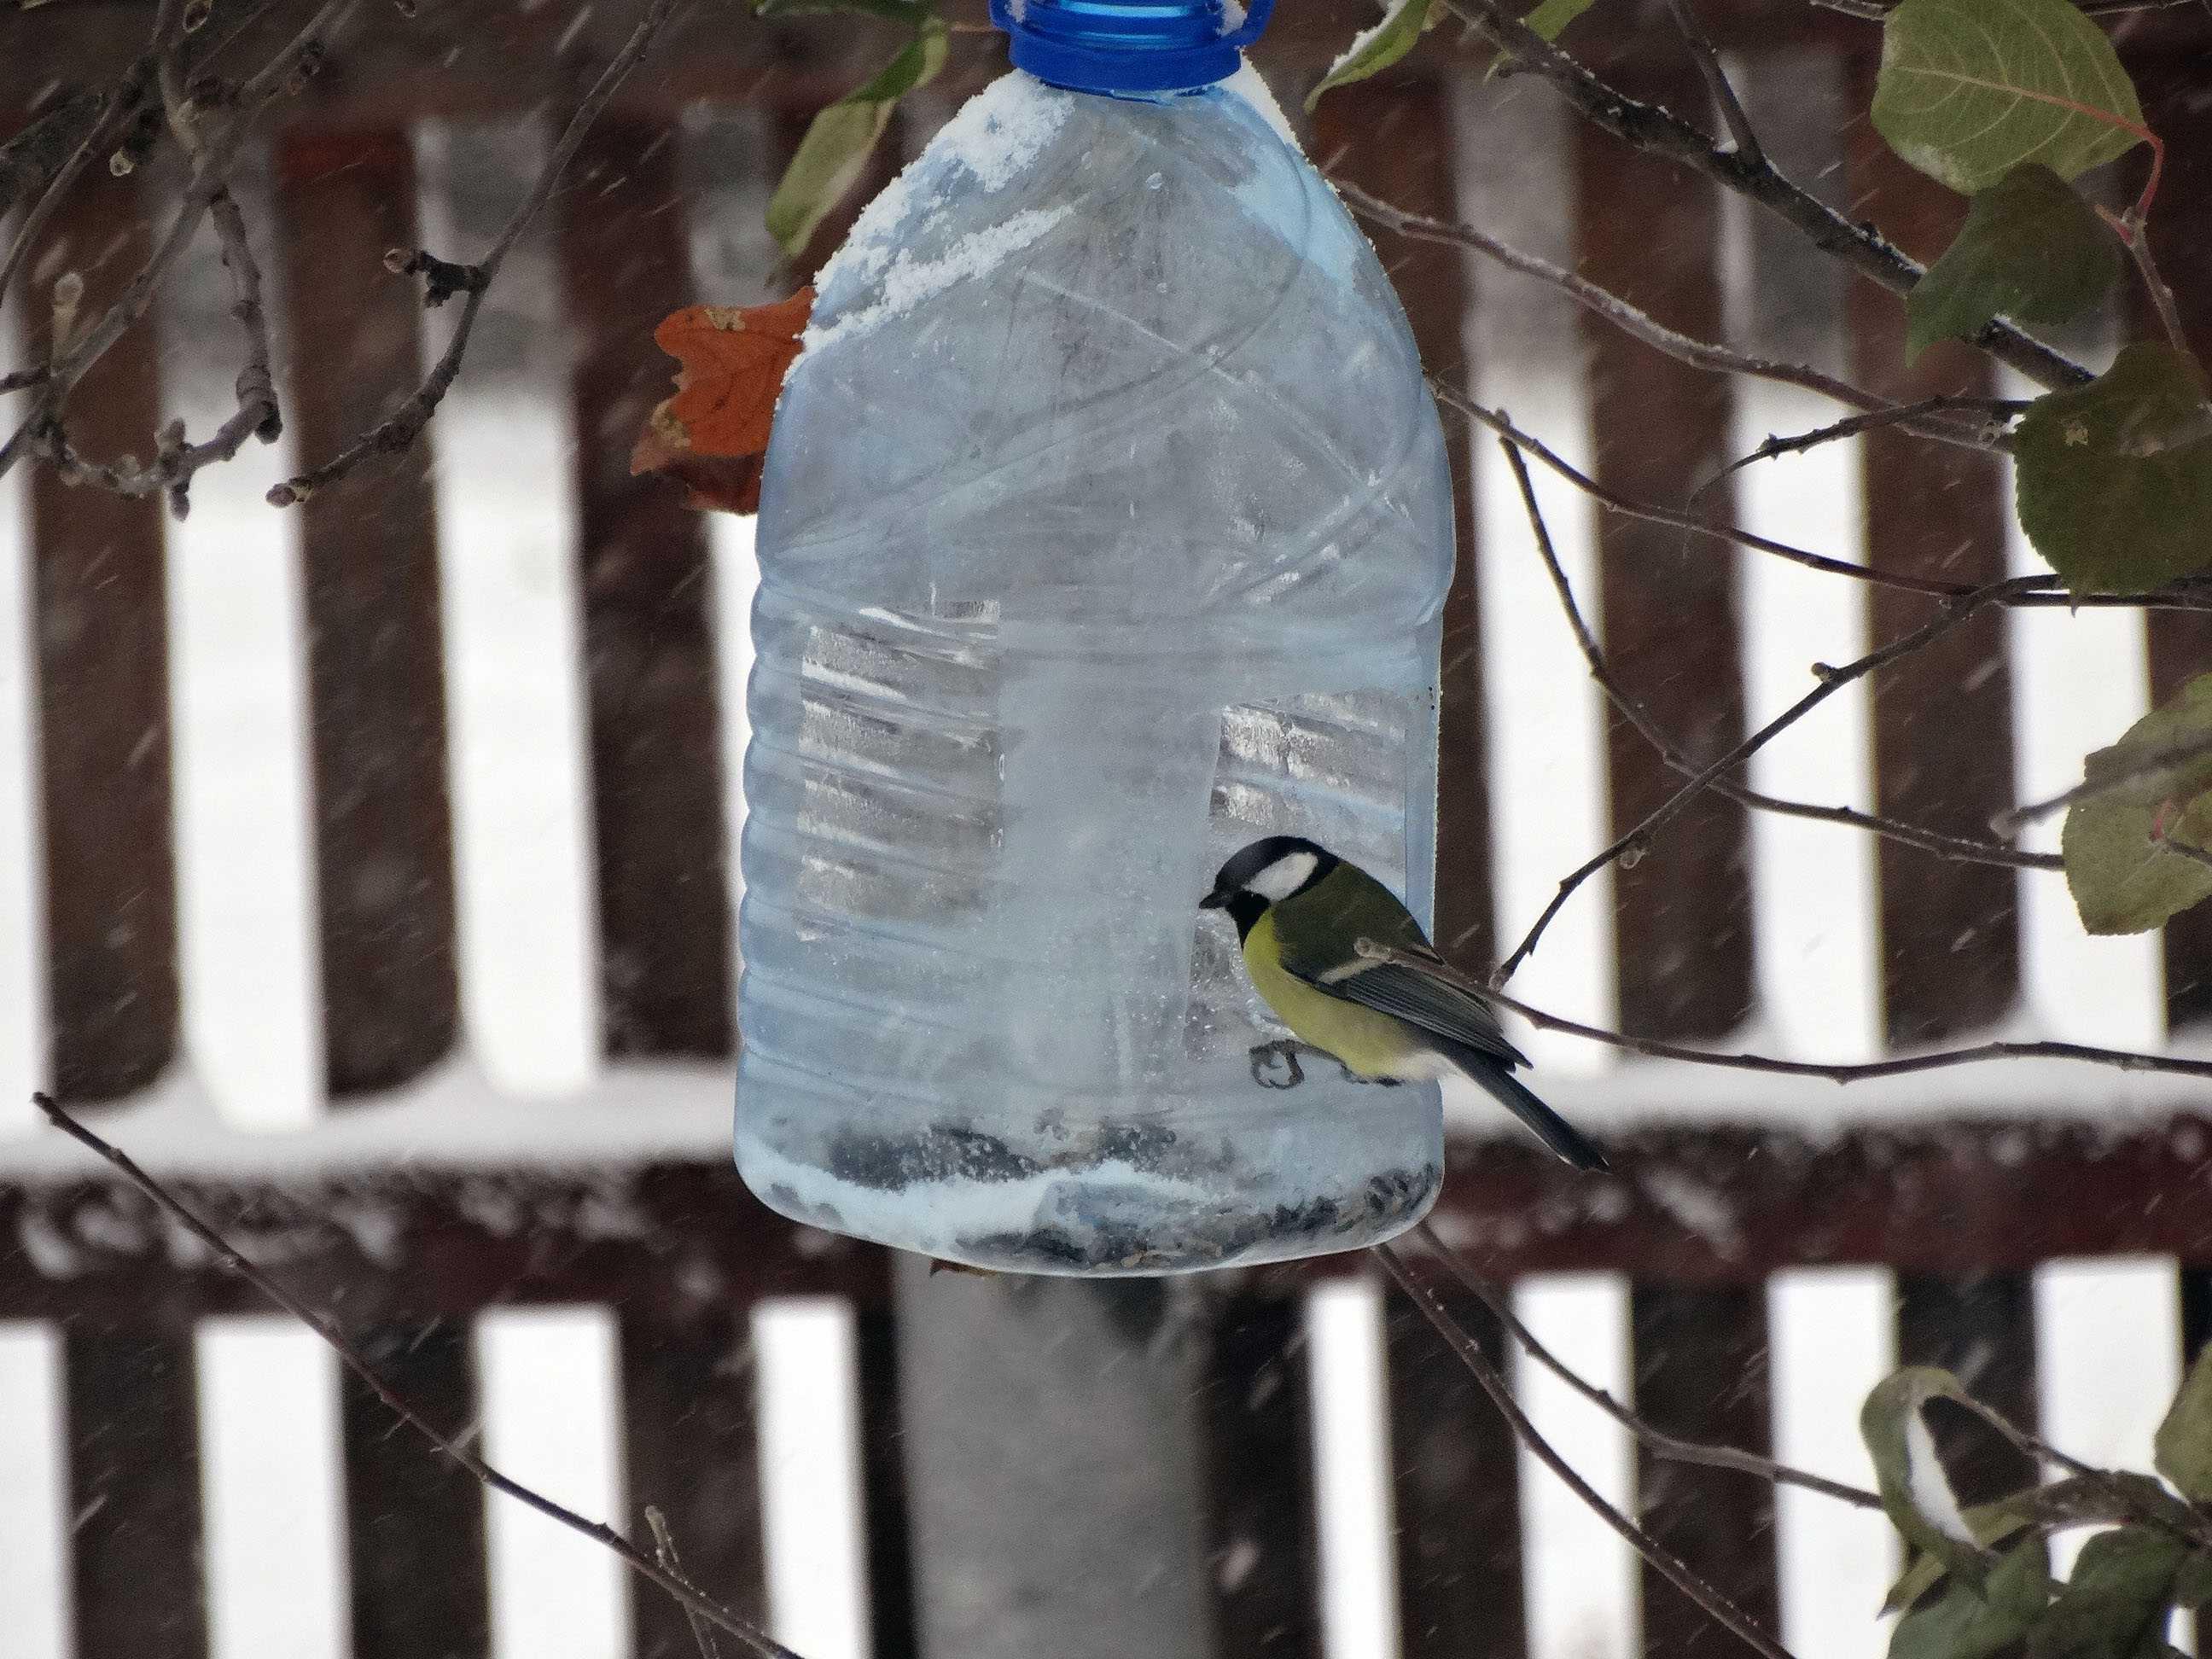 Кормушка для птиц из пластиковой бутылки – коробочка идей и мастер-классов